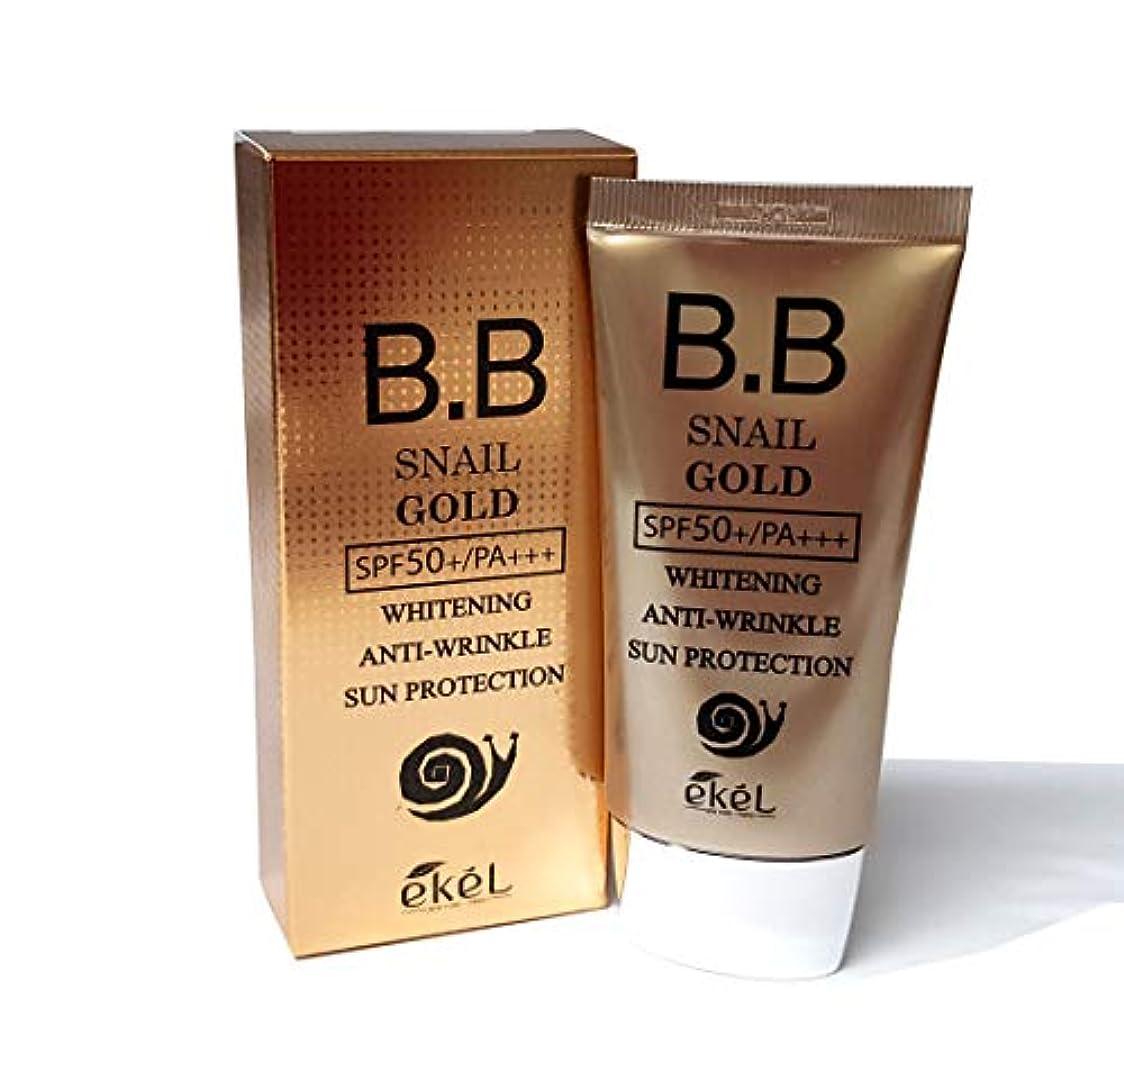 考える扇動するなので[Ekel] カタツムリゴールドBB 50ml SPF50 + PA +++ / Snail Gold BB 50ml SPF50+PA+++ /ホワイトニング、UVカット/Whitening,UV protection...